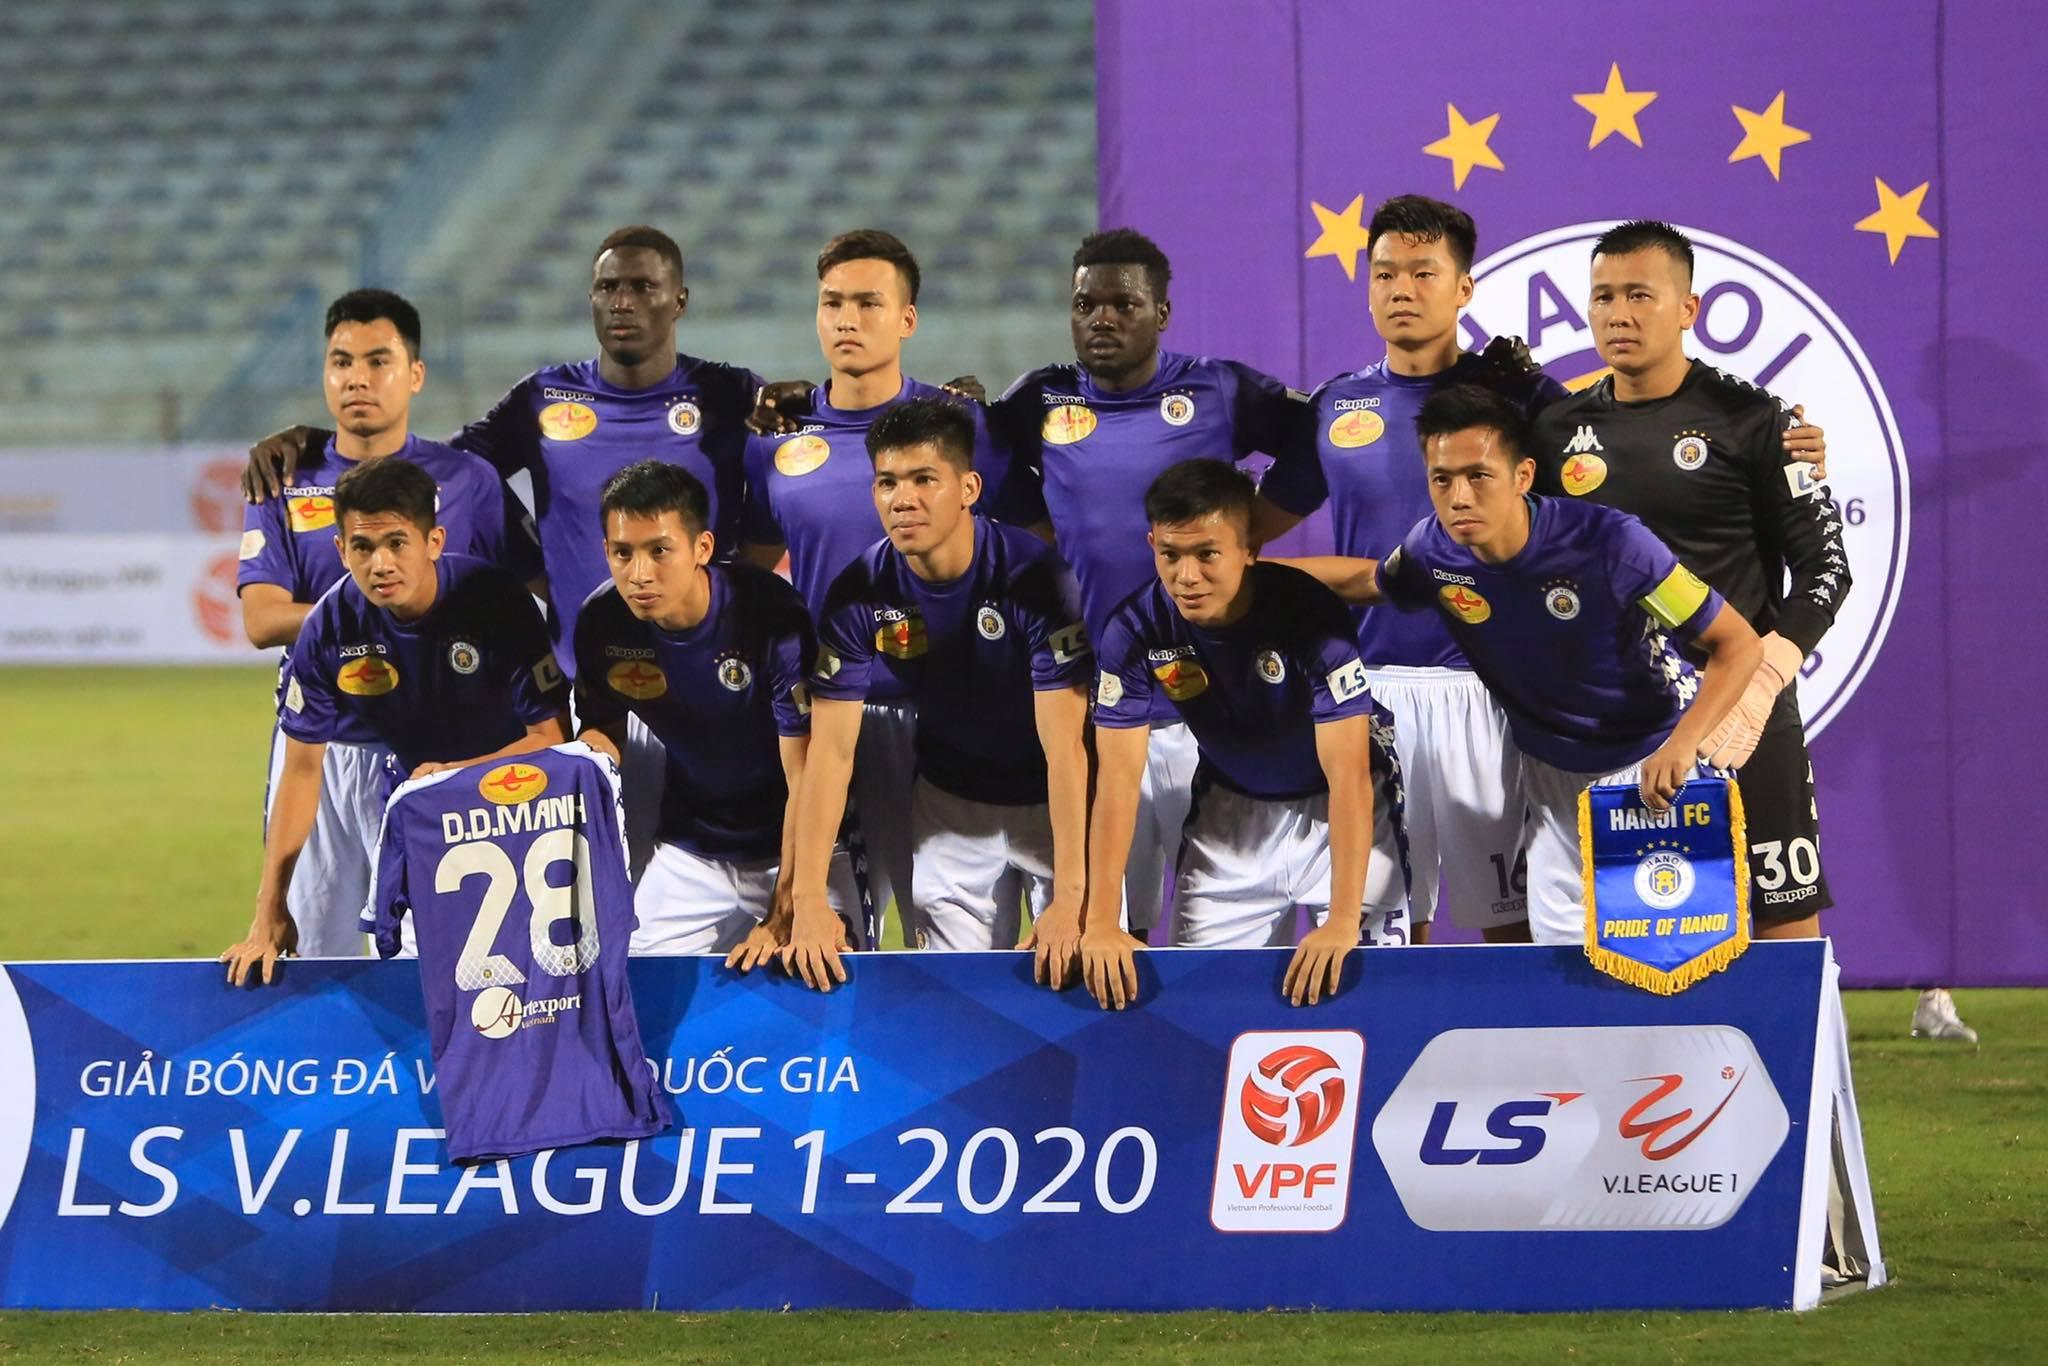 Hà Nội FC tri ân Duy Mạnh trước trận đấu - Ảnh: Đức Cường